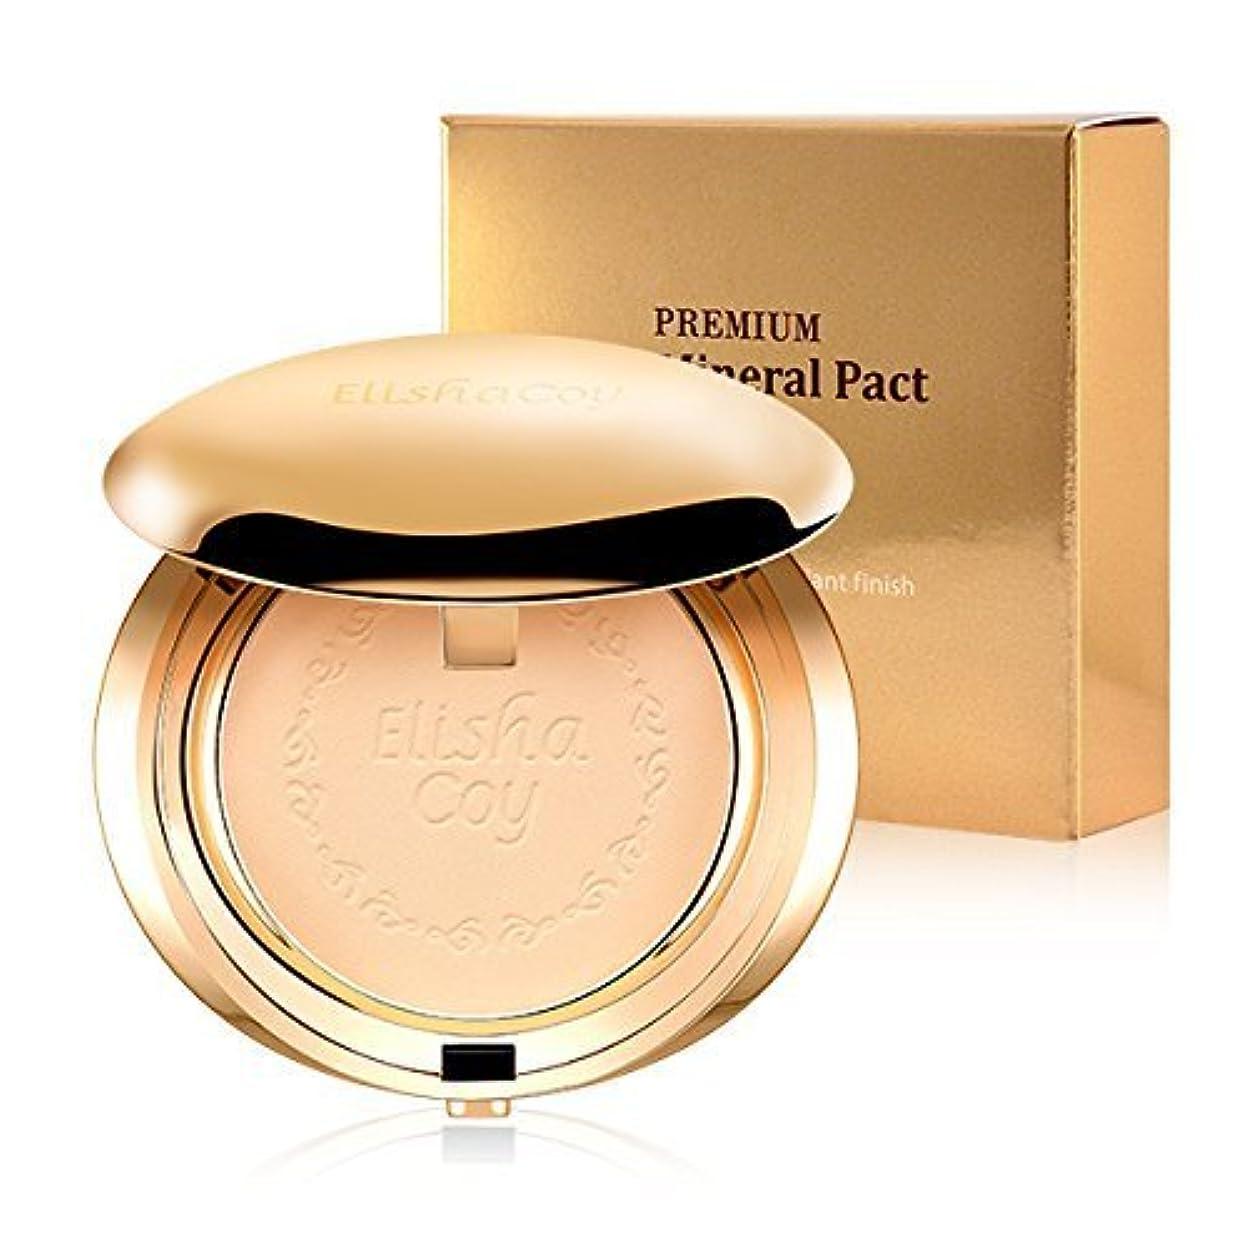 一緒寛大なオプションElishacoy Premium gold mineral pact No.23 アリシアこいプレミアムゴールドミネラルファクト [並行輸入品]